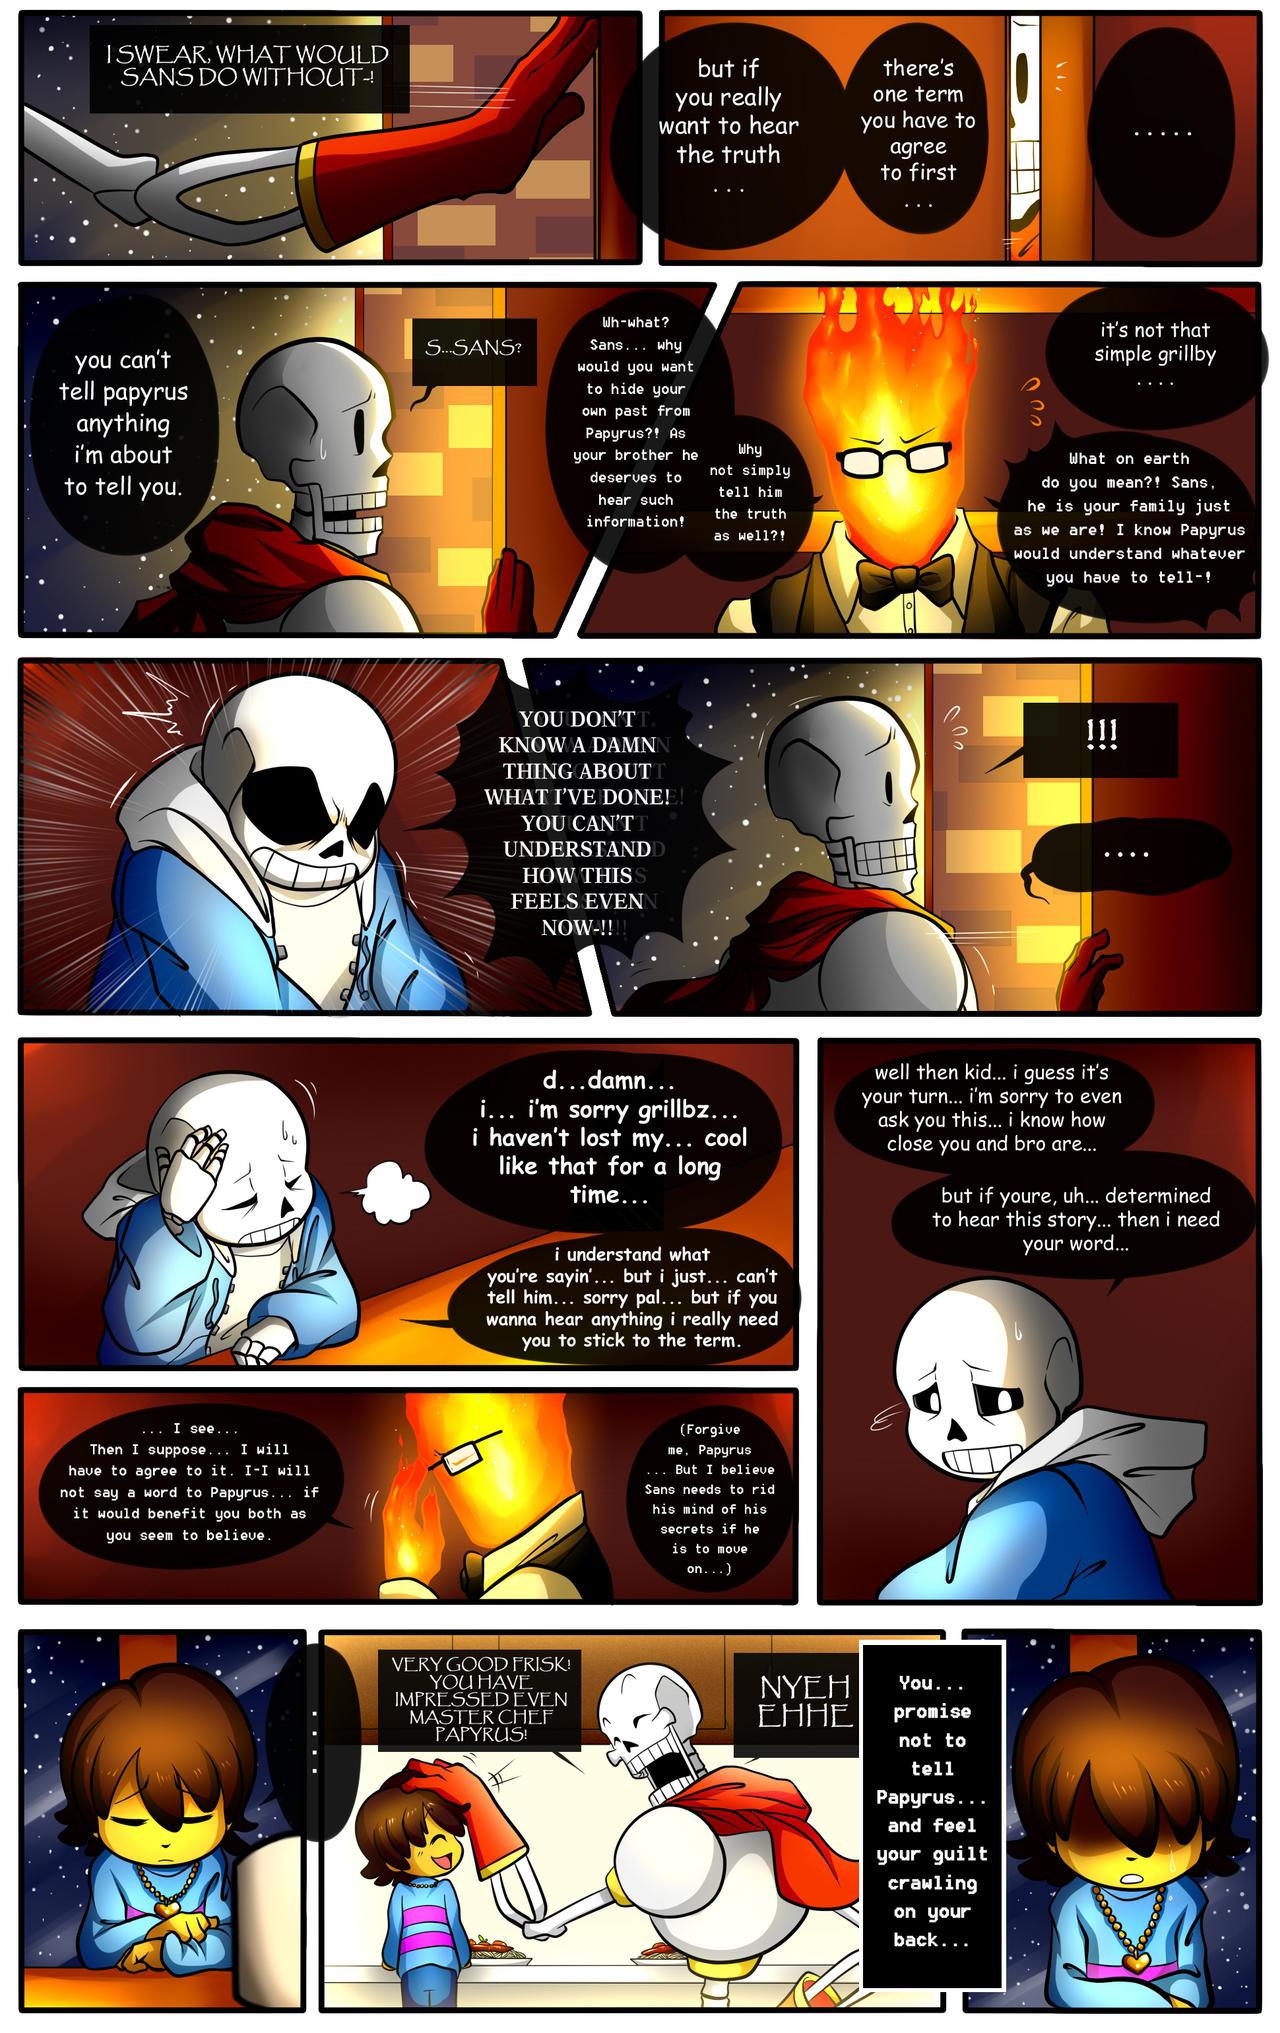 Reminiscence: Undertale Fan Comic Pg. 12 by Smudgeandfrank